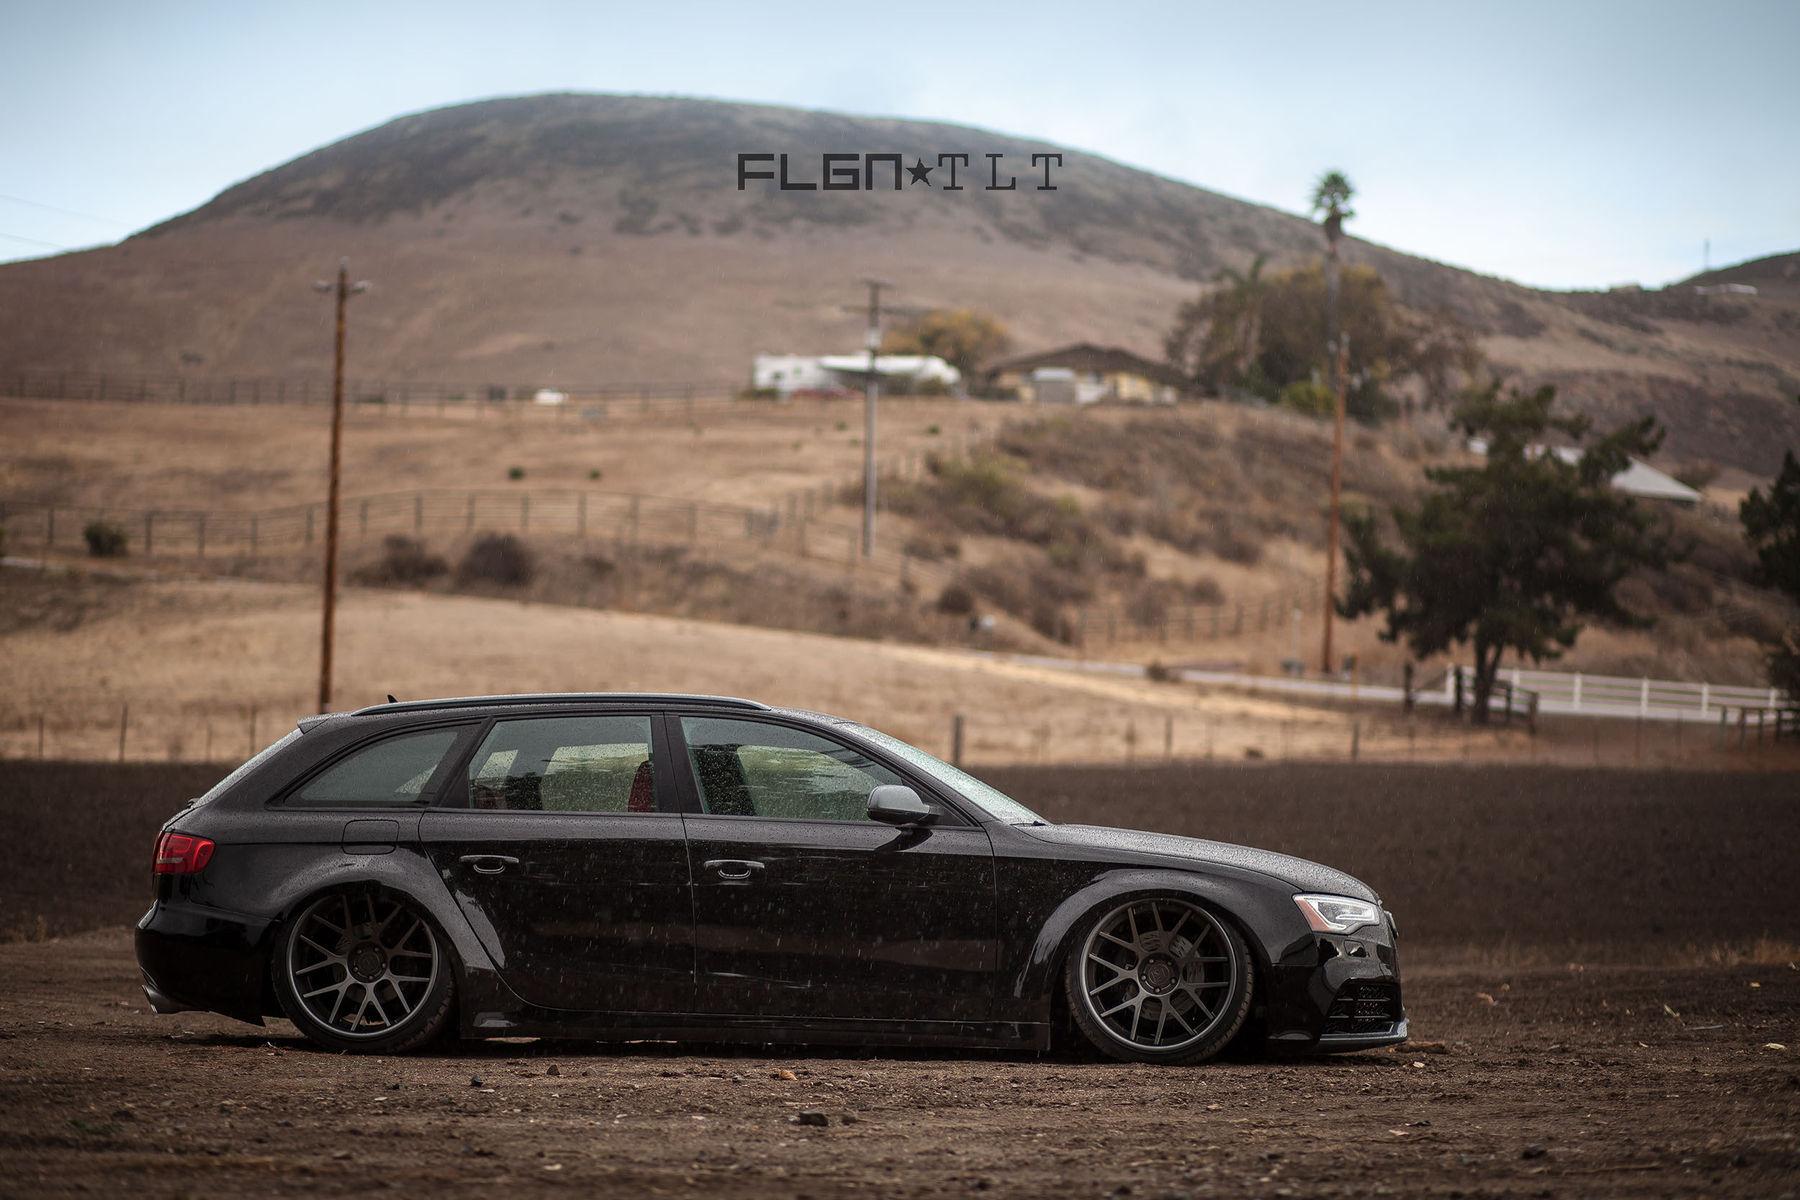 2010 Audi allroad quattro | AllRoad Quattro - Air4